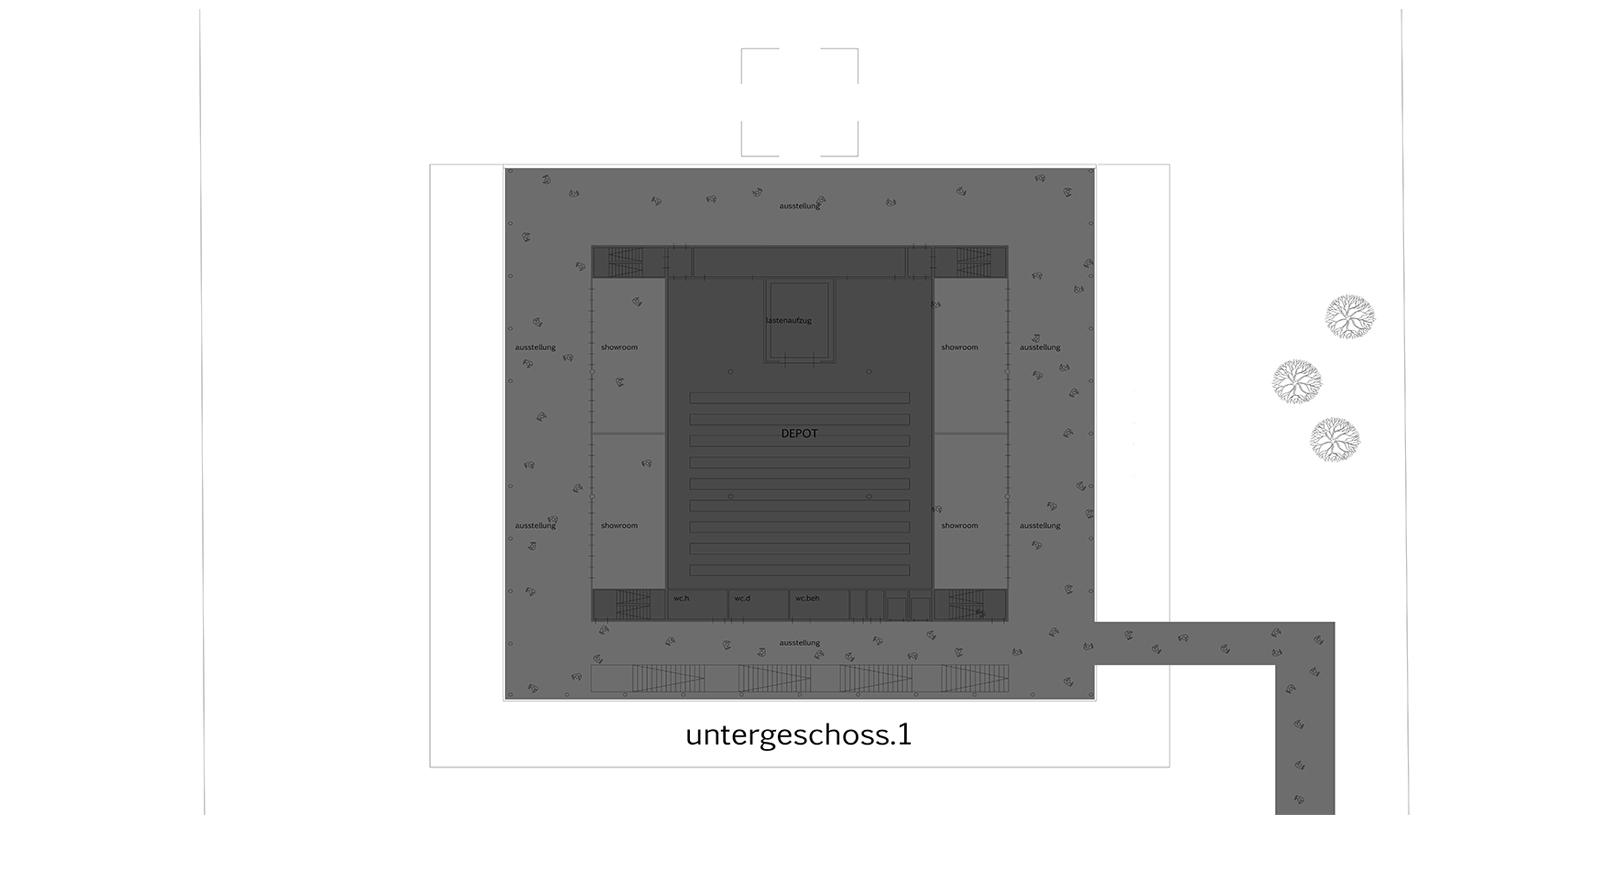 depot_grundriss